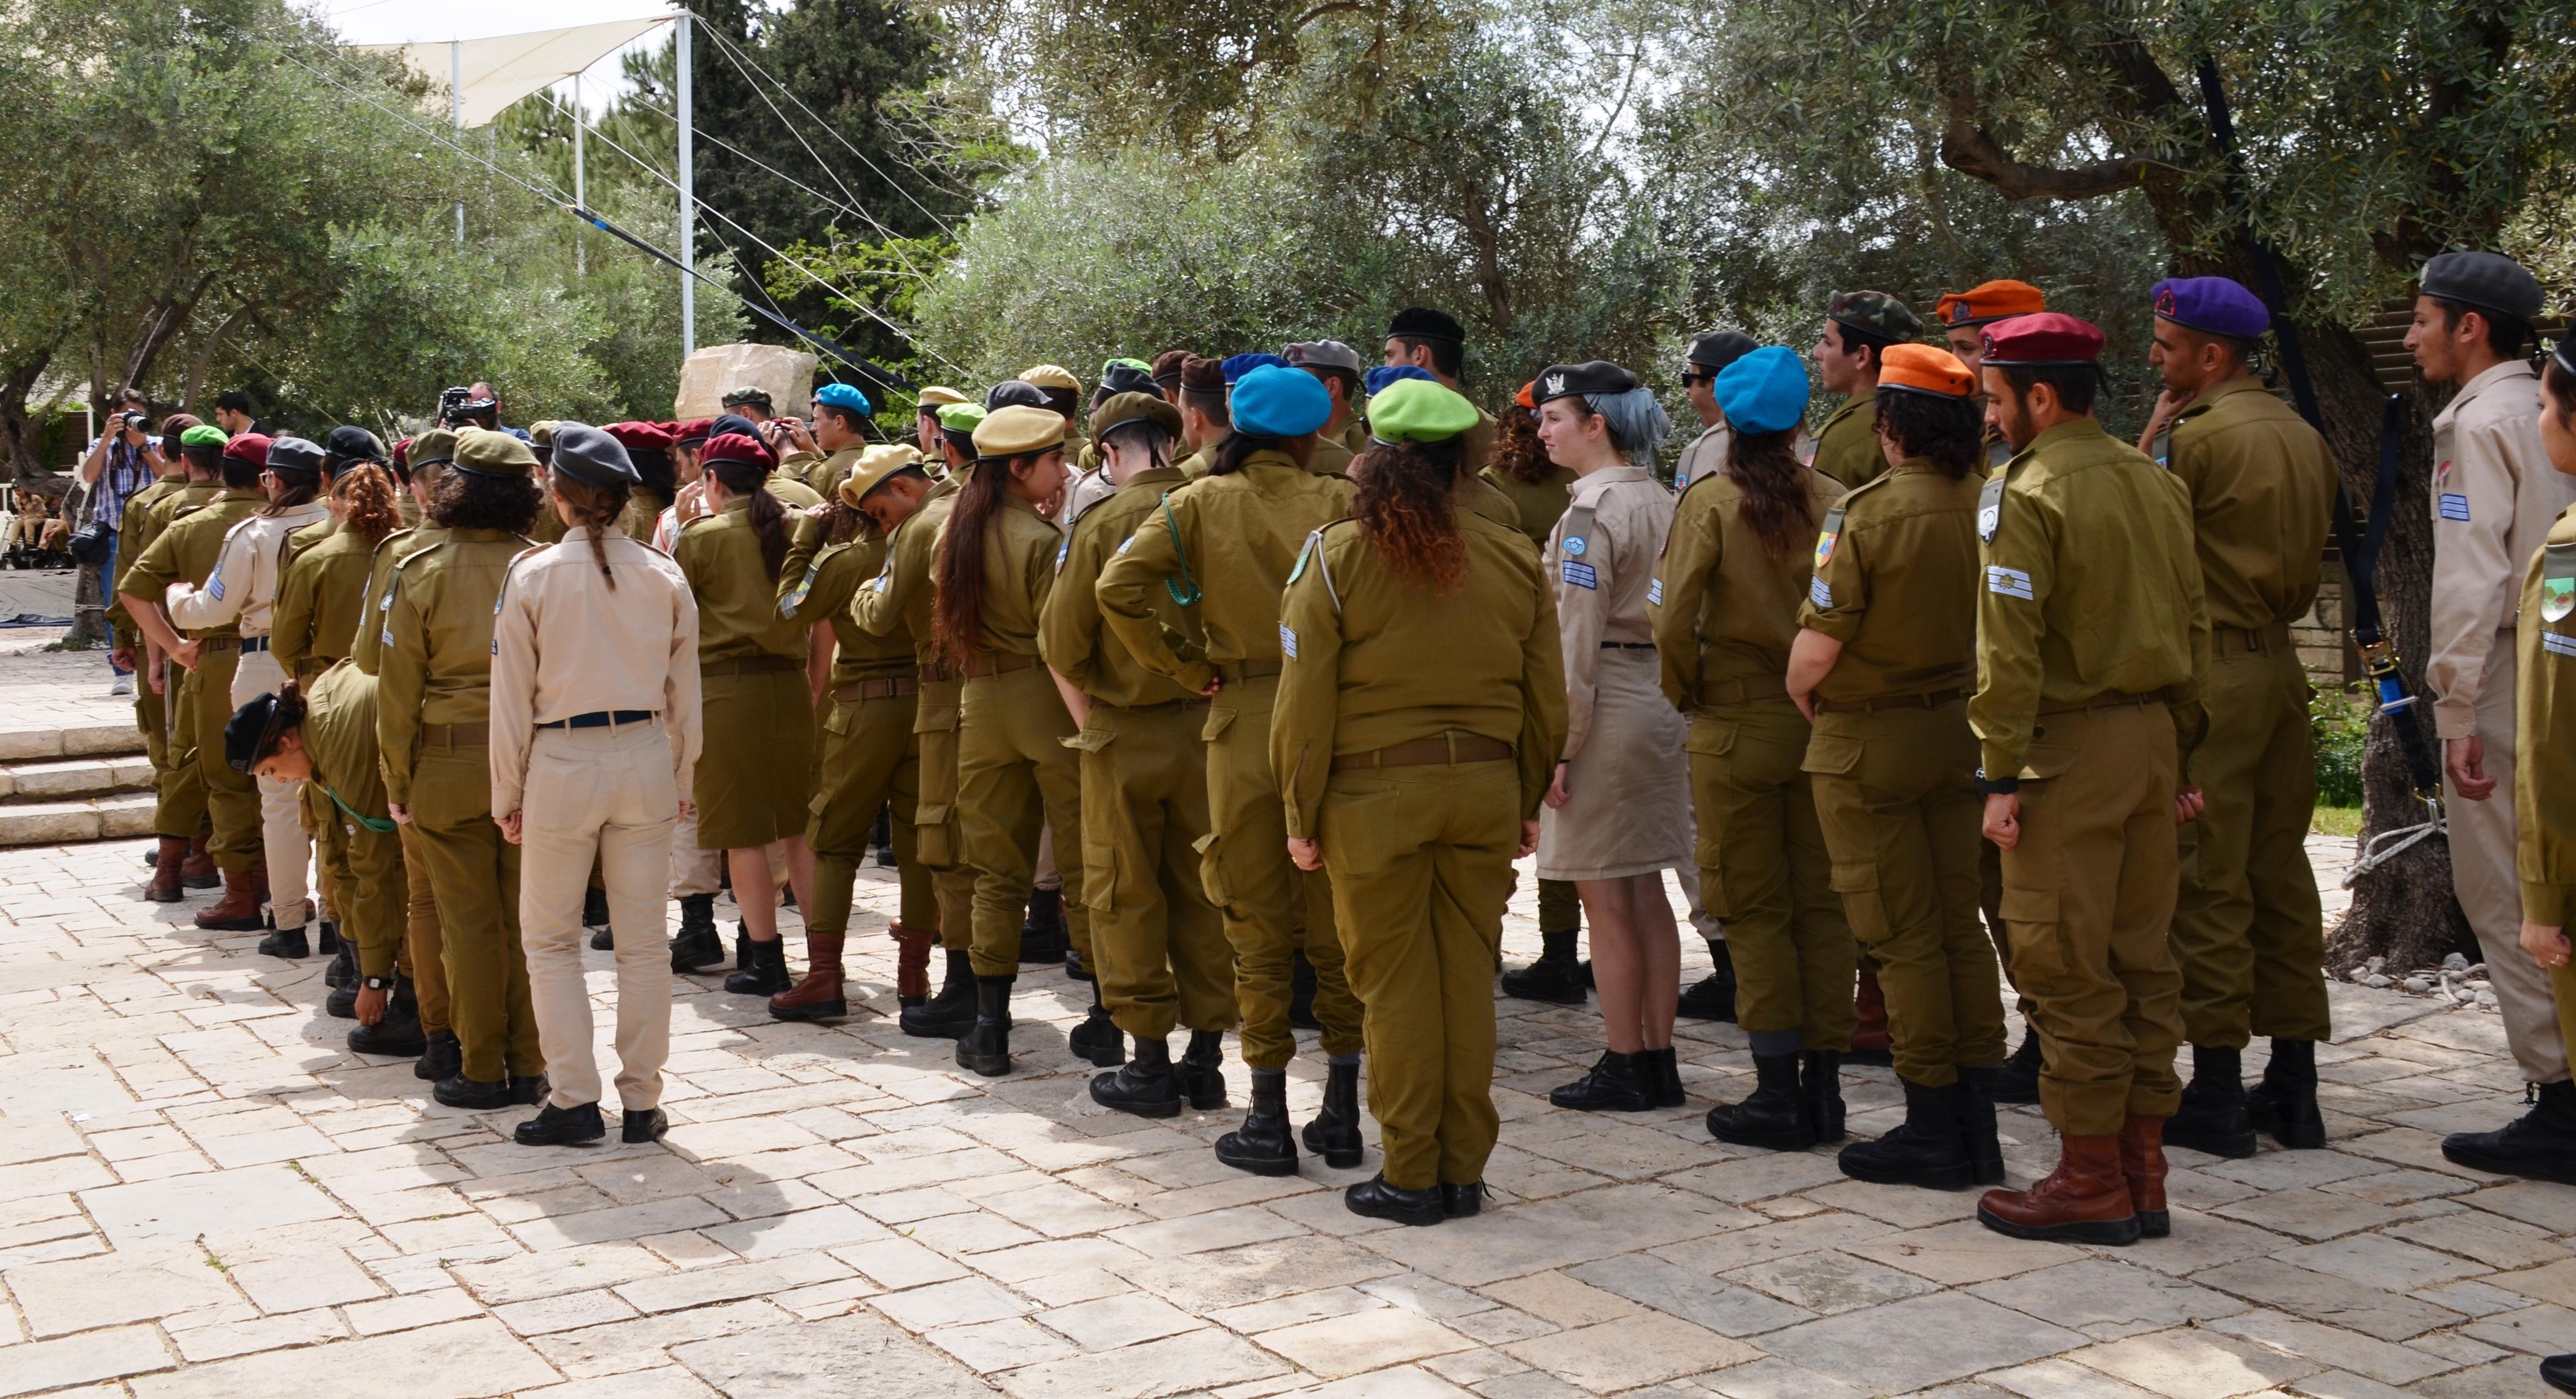 soliders being honored Beit Hanasi Jerusalem Israel